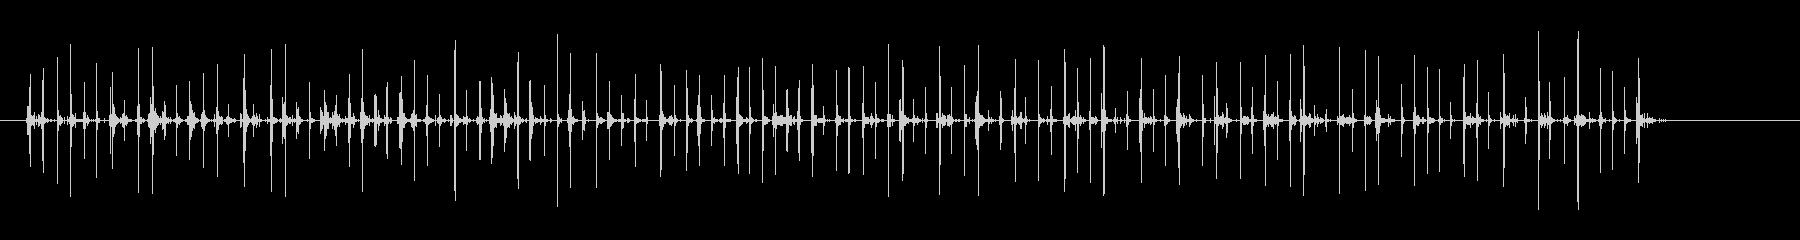 パーカッションマラカス-ミュージカ...の未再生の波形